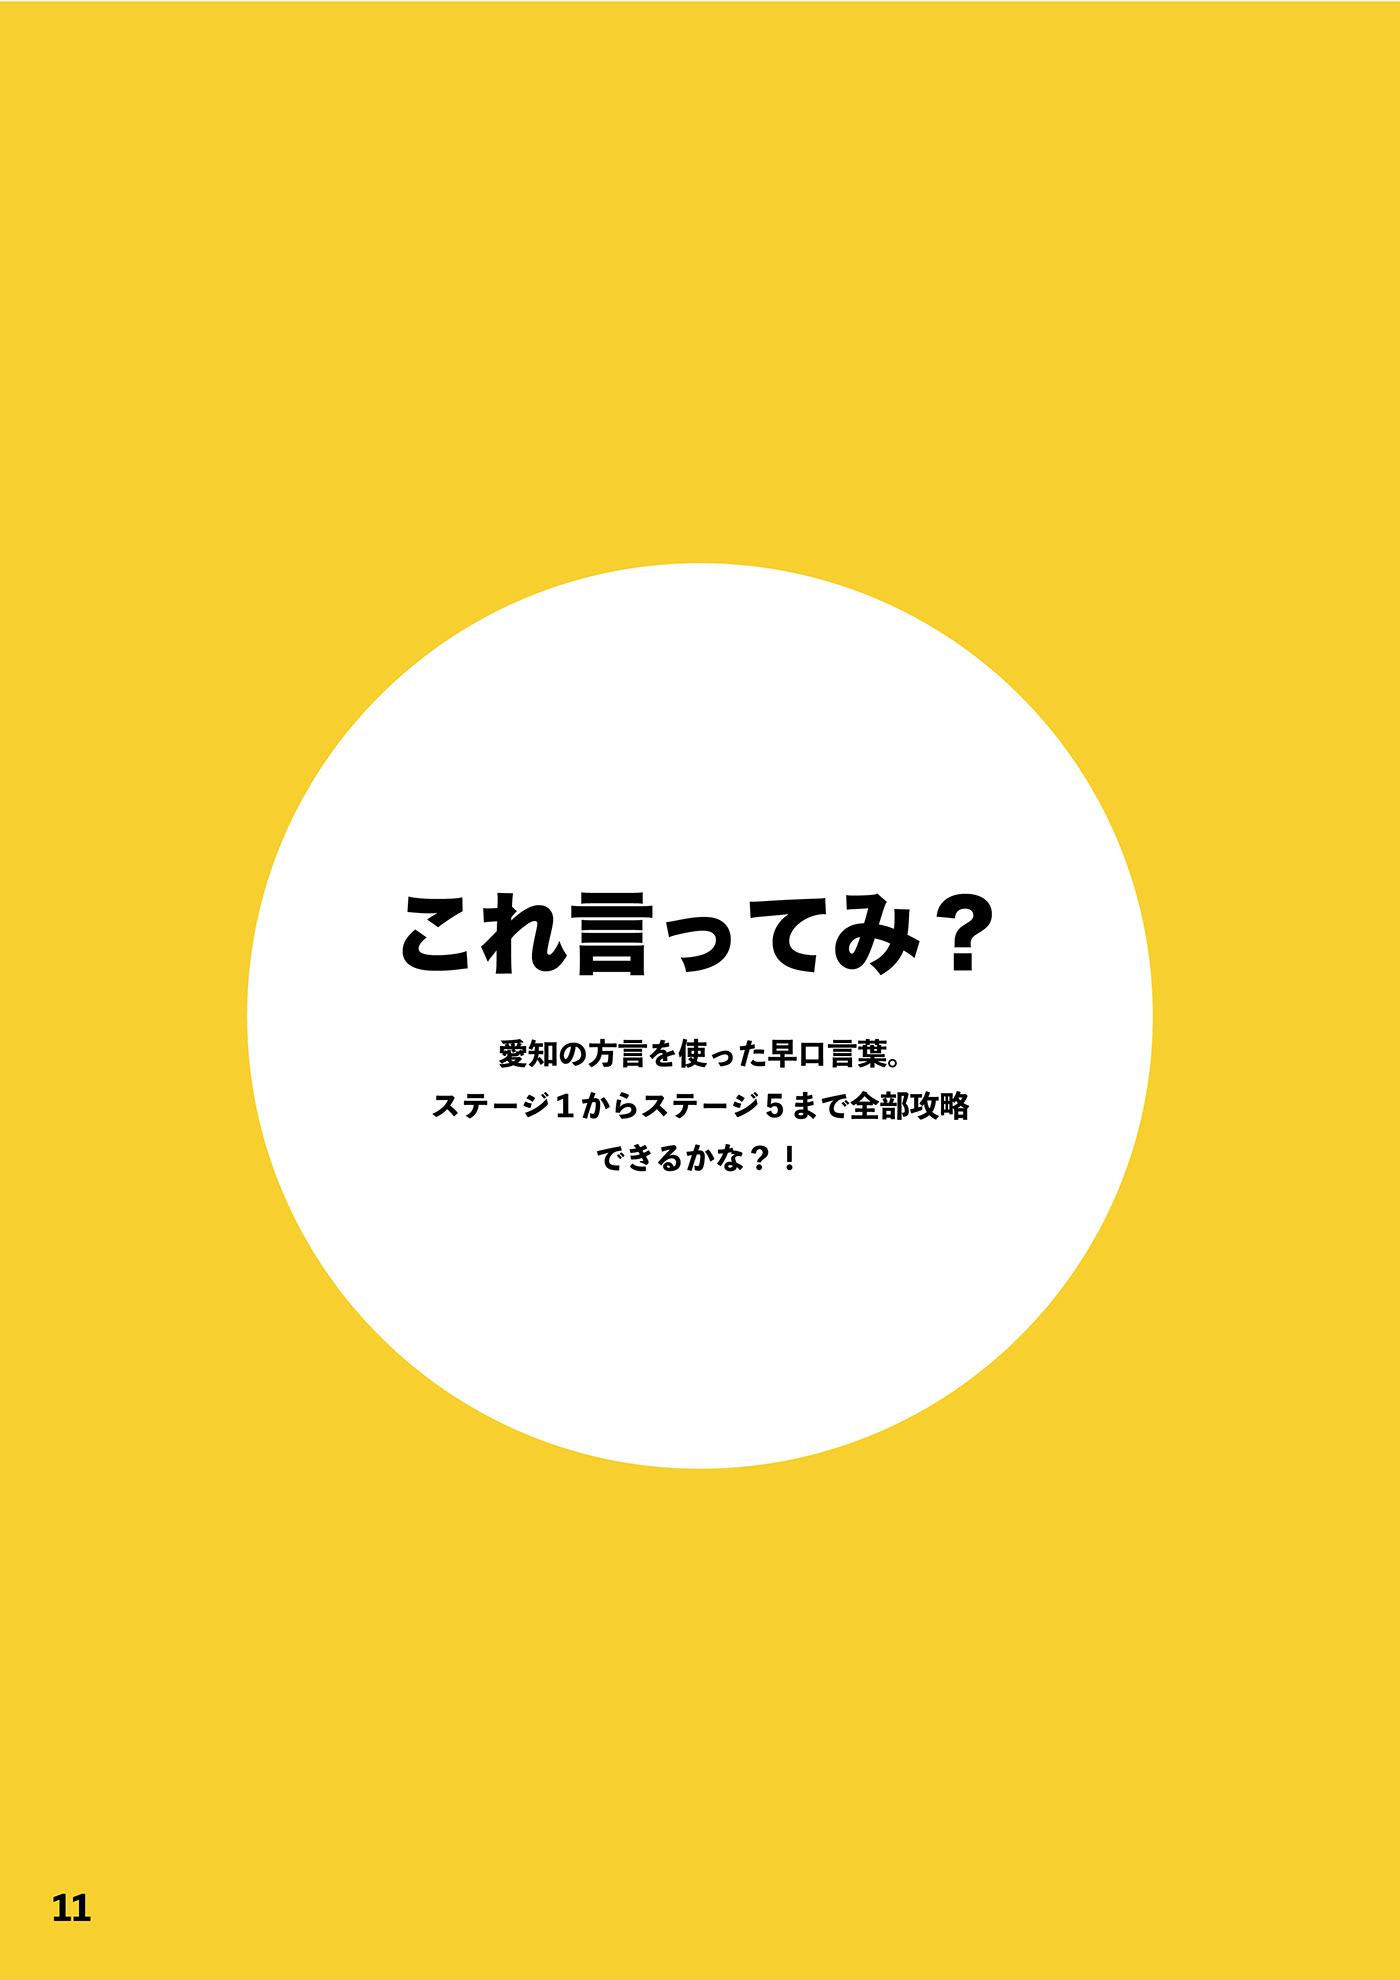 弁 早口 言葉 名古屋 【名古屋】名古屋人が標準語だと誤解している名古屋弁